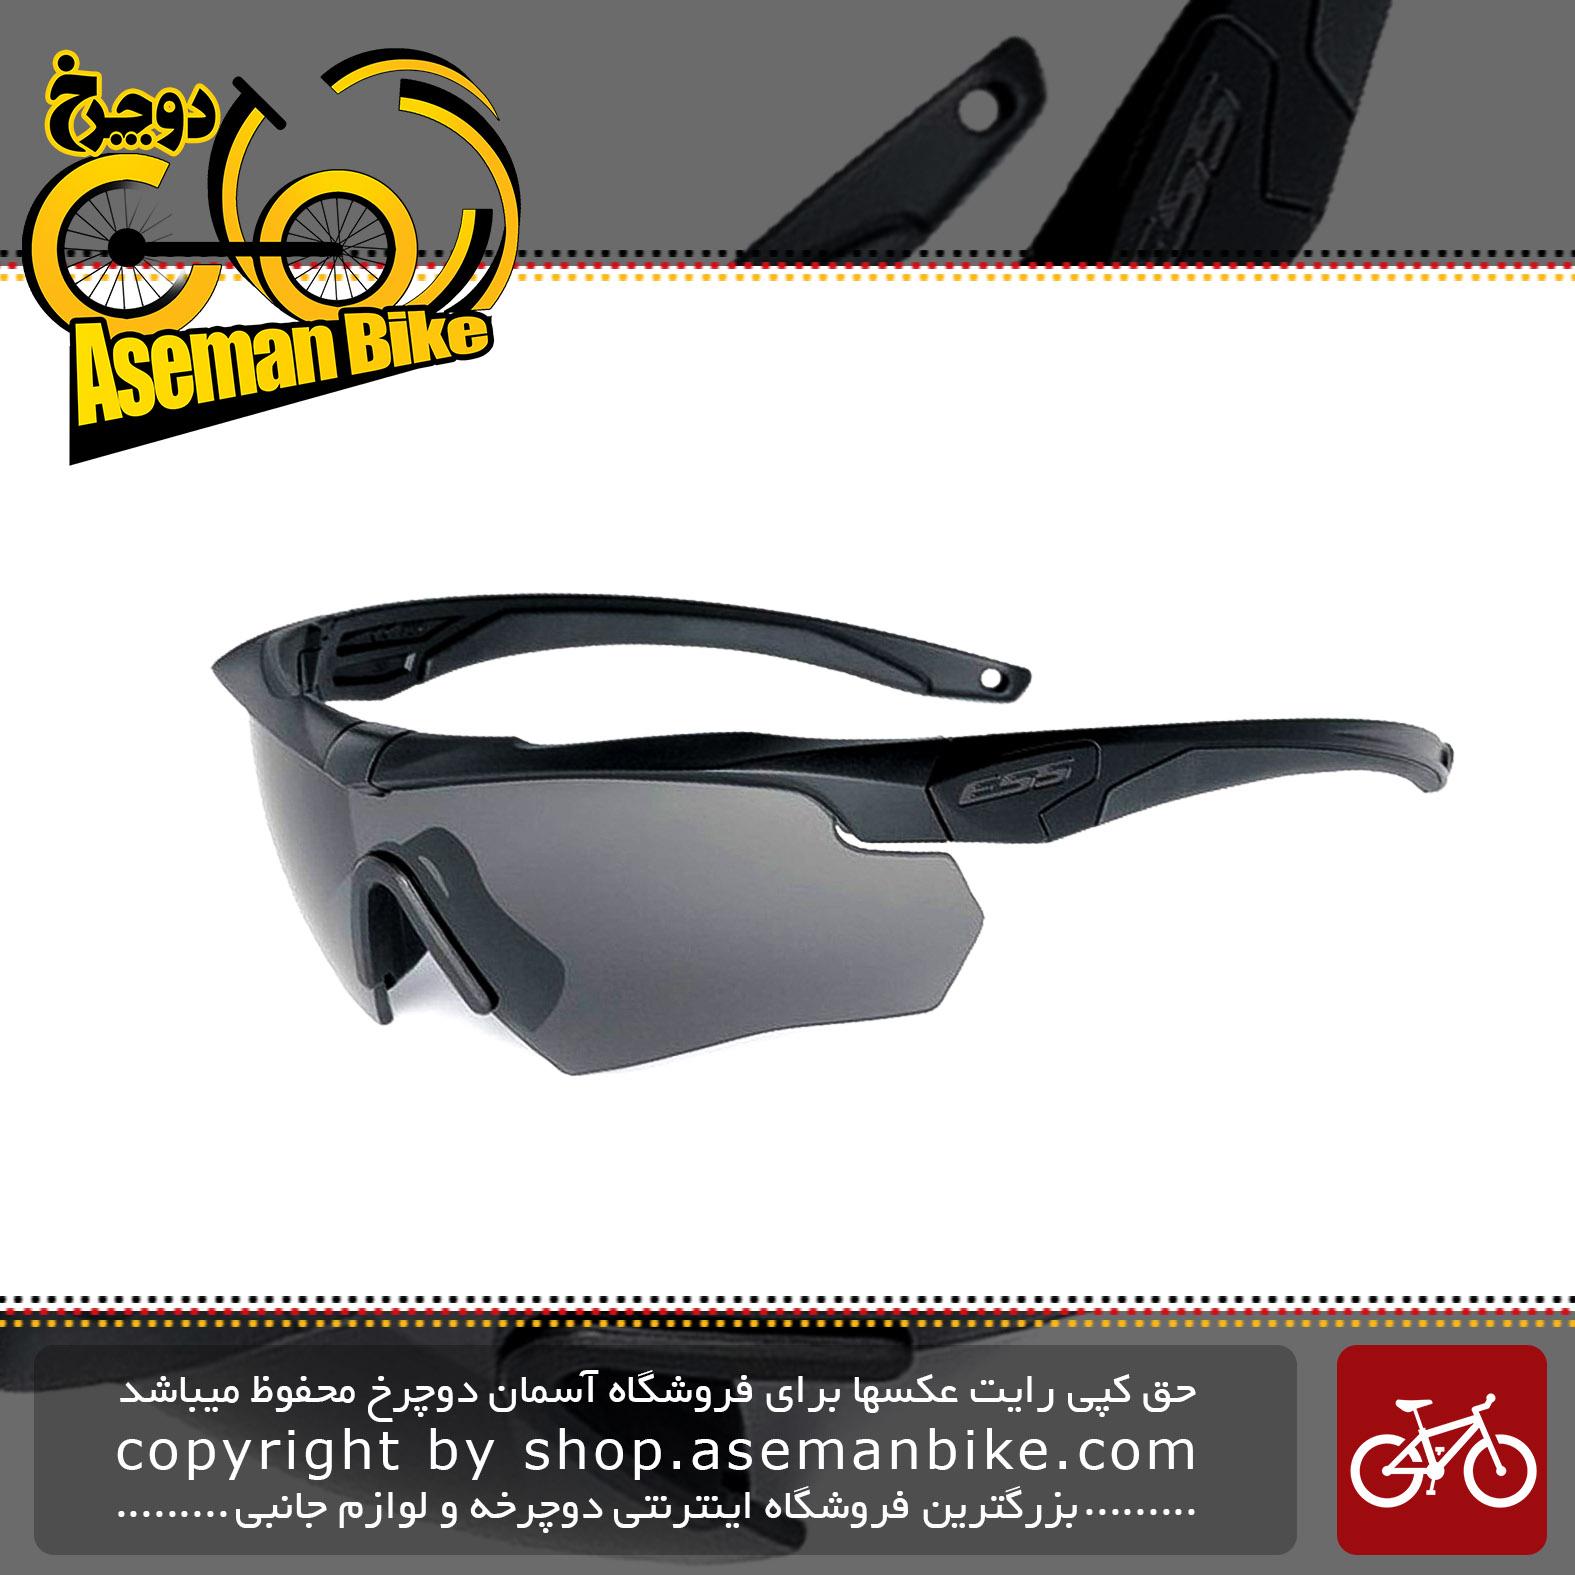 عینک دوچرخه سواری ای اس اس مدل Bicycle Glasses ESS Cross